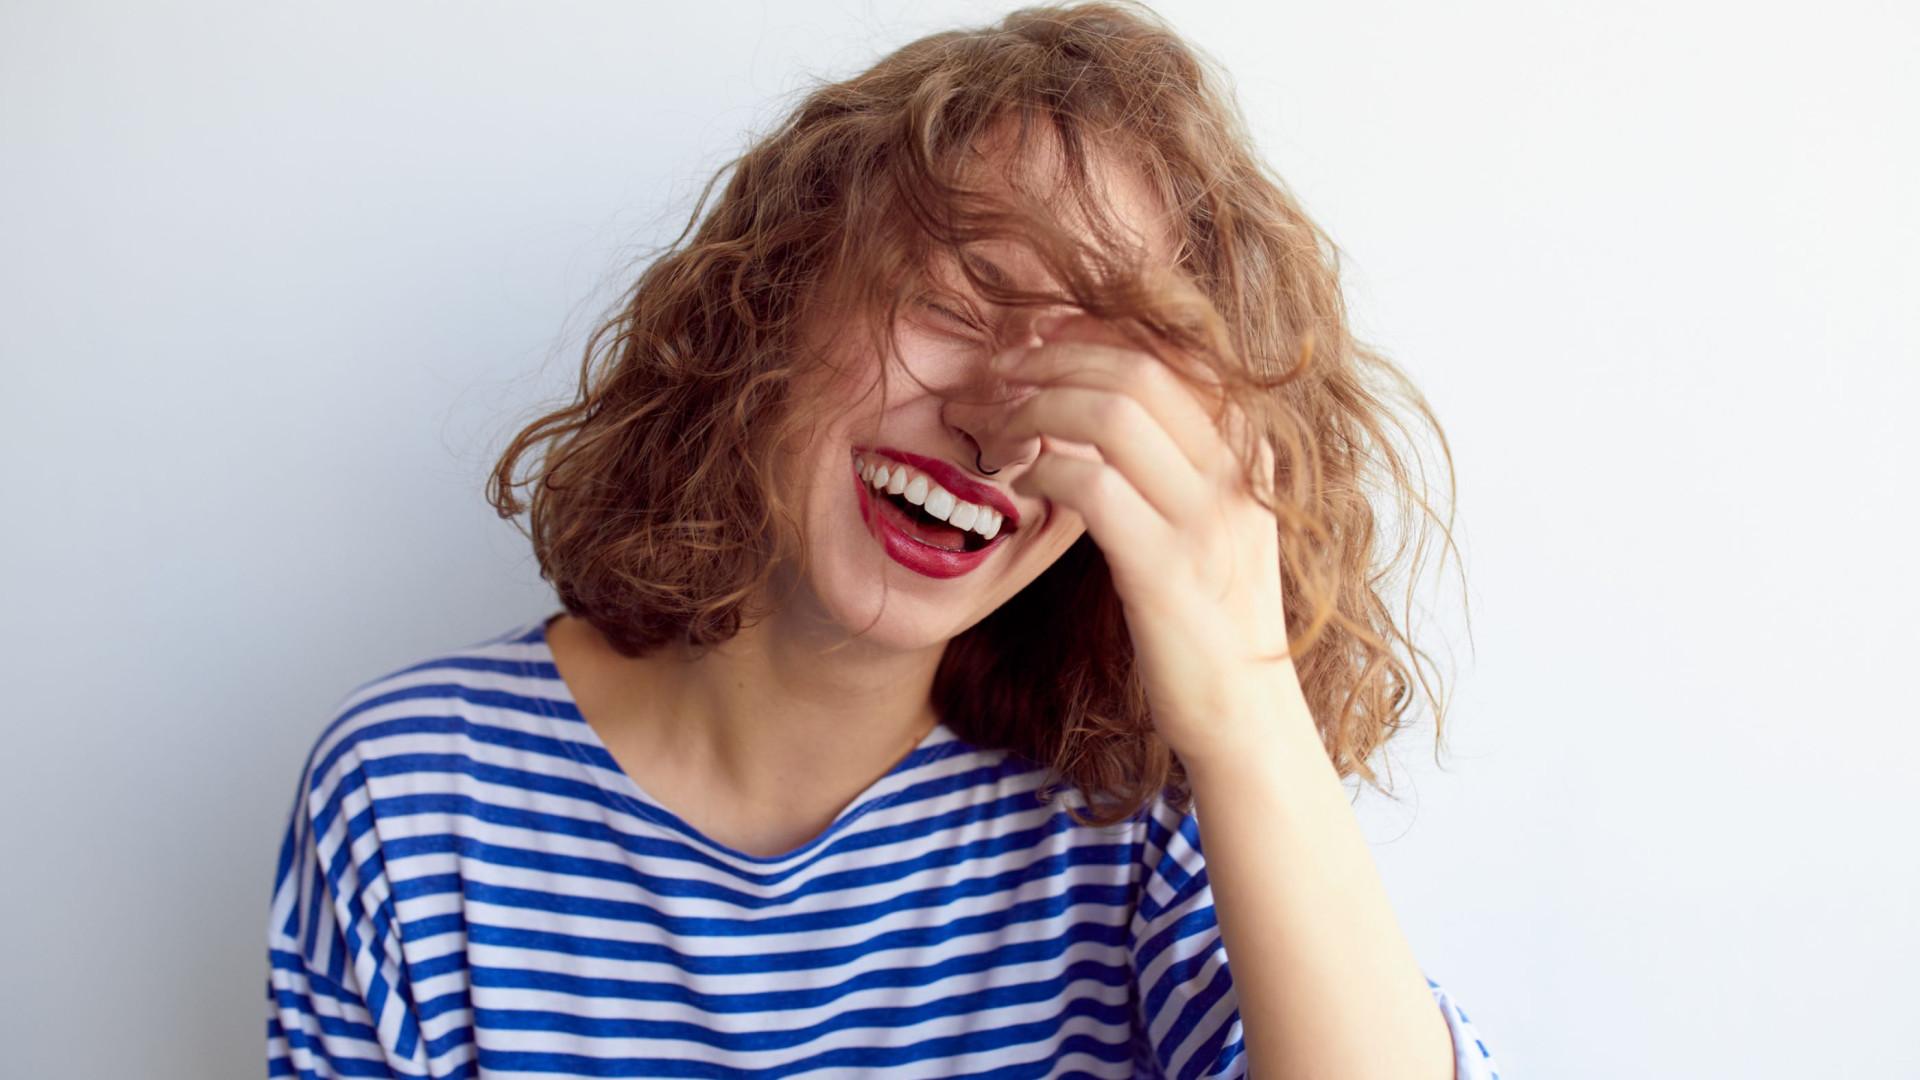 Quem mais procura a felicidade, mais emoções negativas atrai, diz estudo